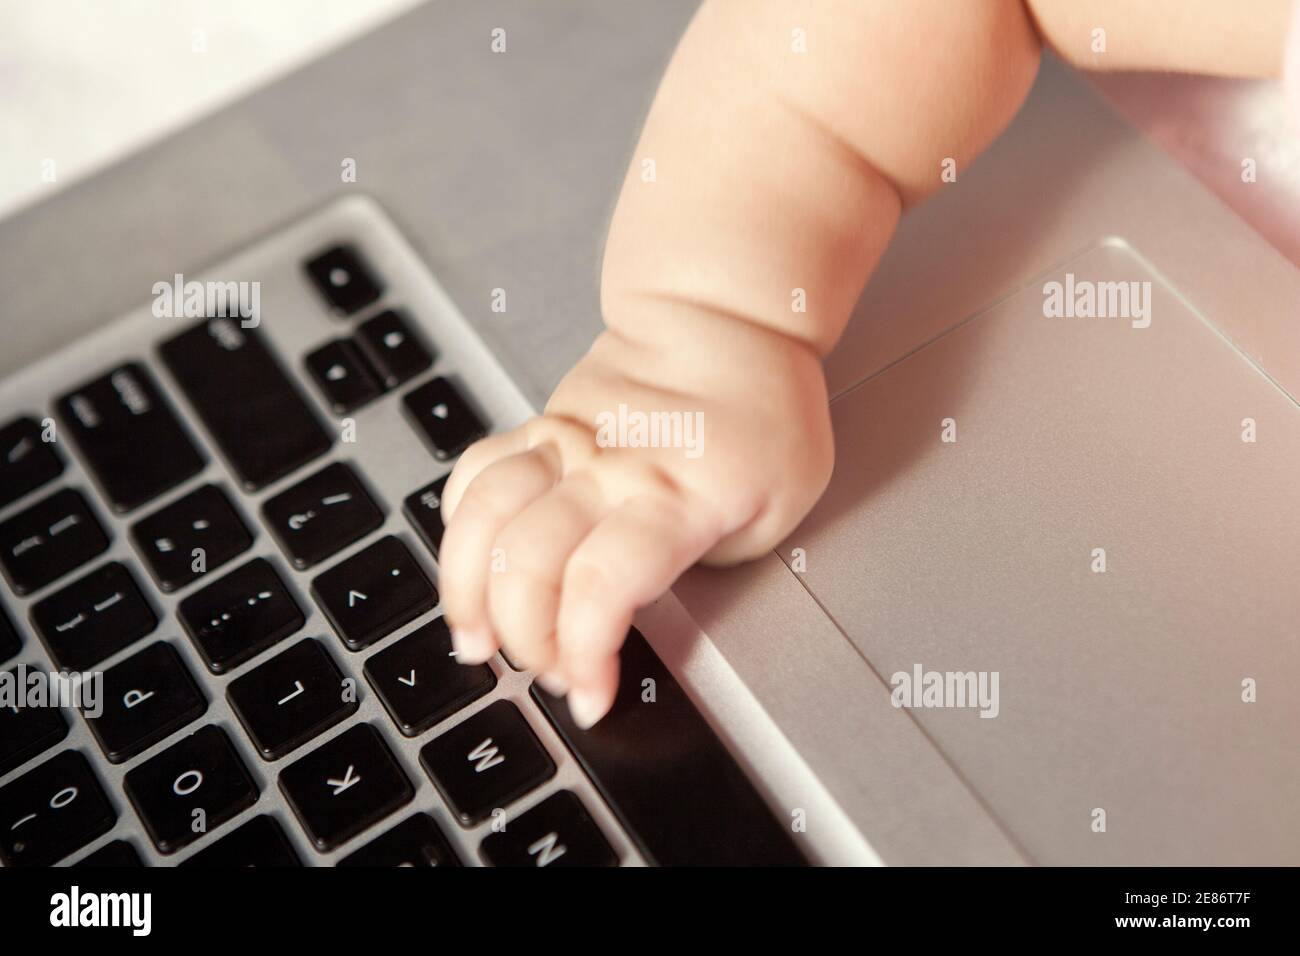 Bébé touchant le clavier d'ordinateur photo de haute qualité Banque D'Images